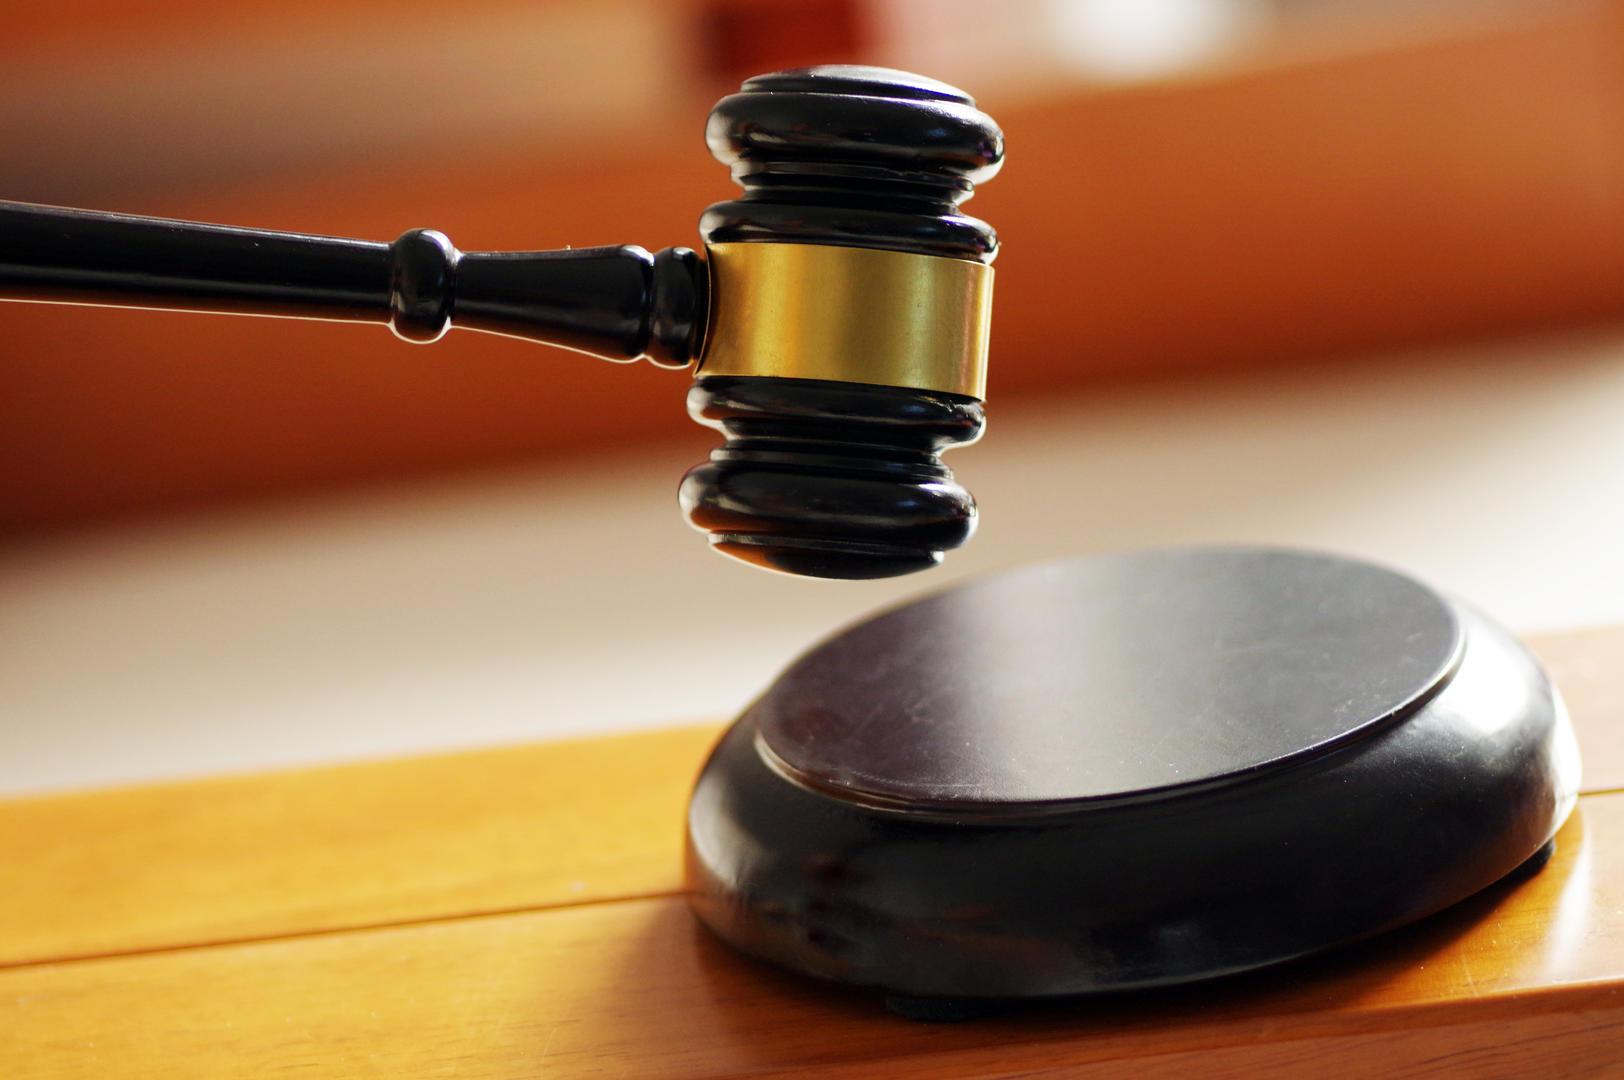 16岁少年服毒自杀 农药销售店主被判赔7.5万余元